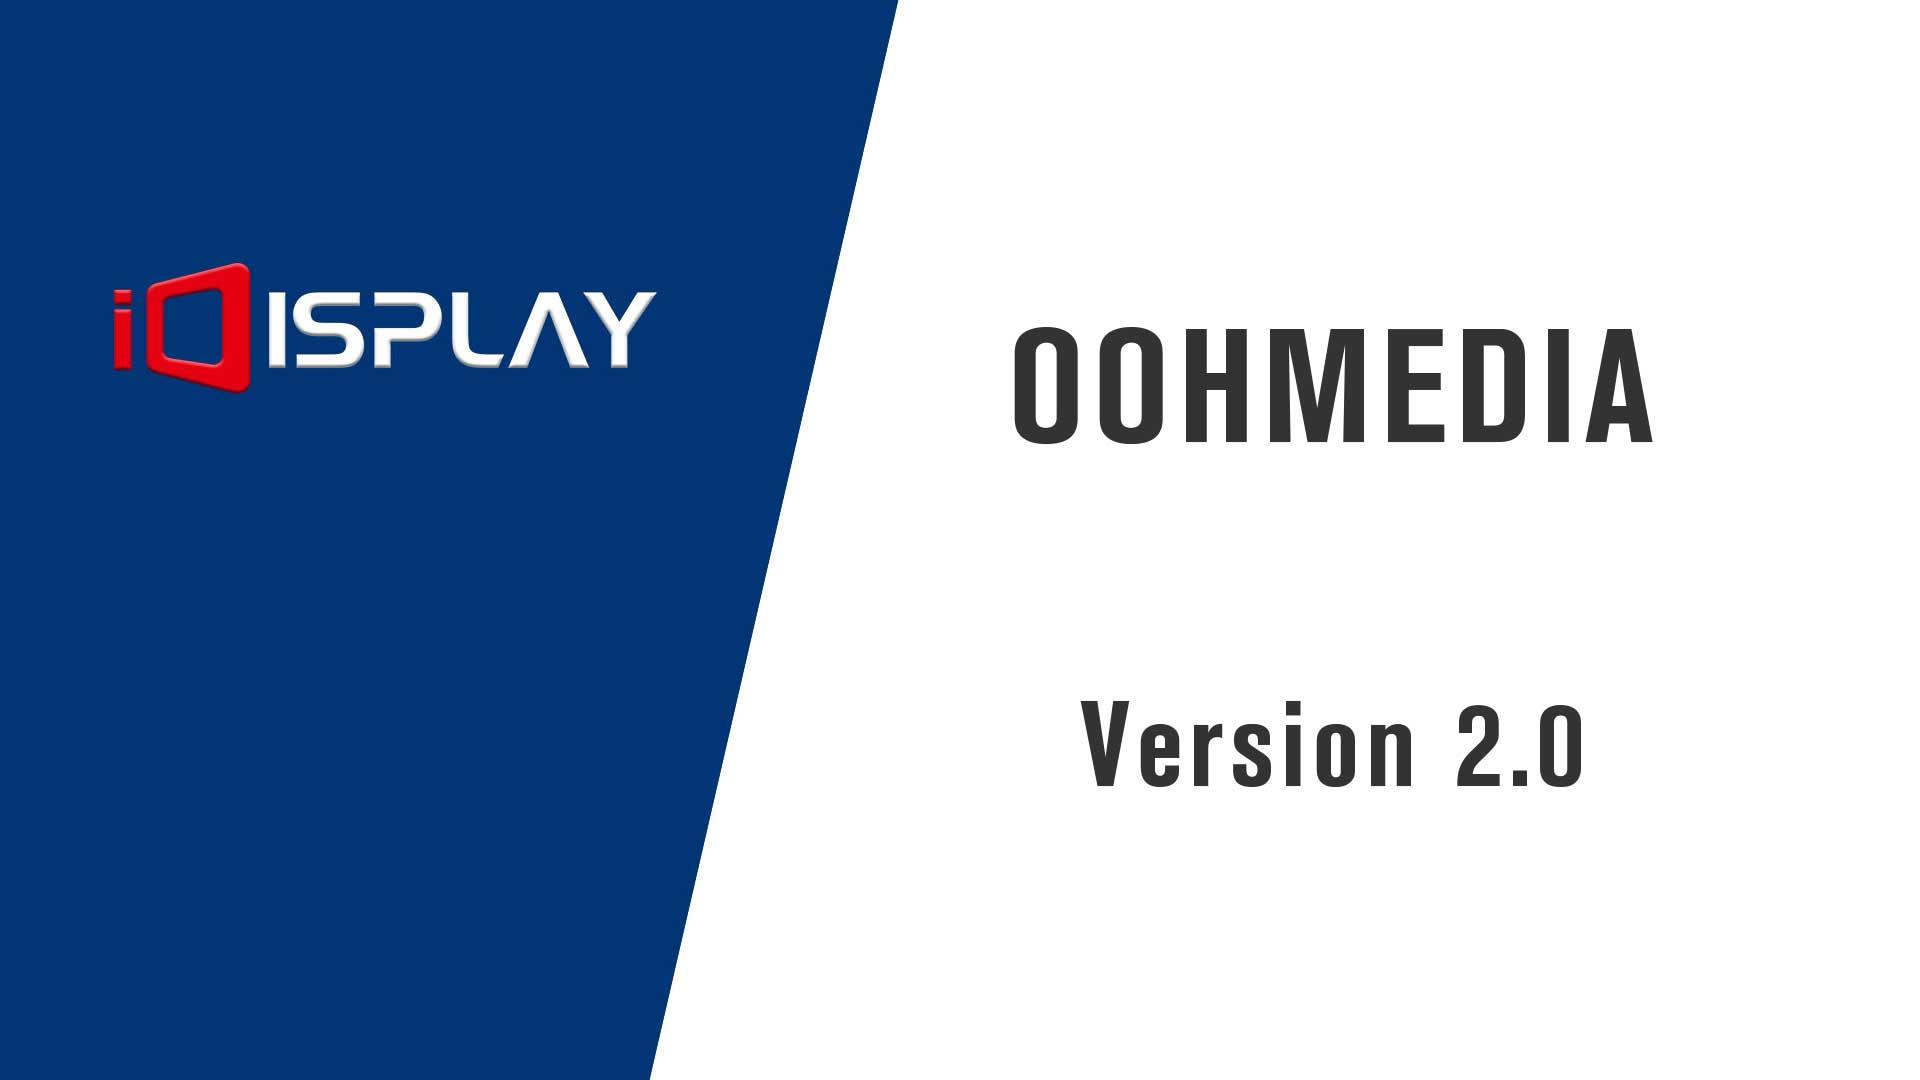 oohmediaのバージョン2.0を更新-屋外LEDディスプレイ